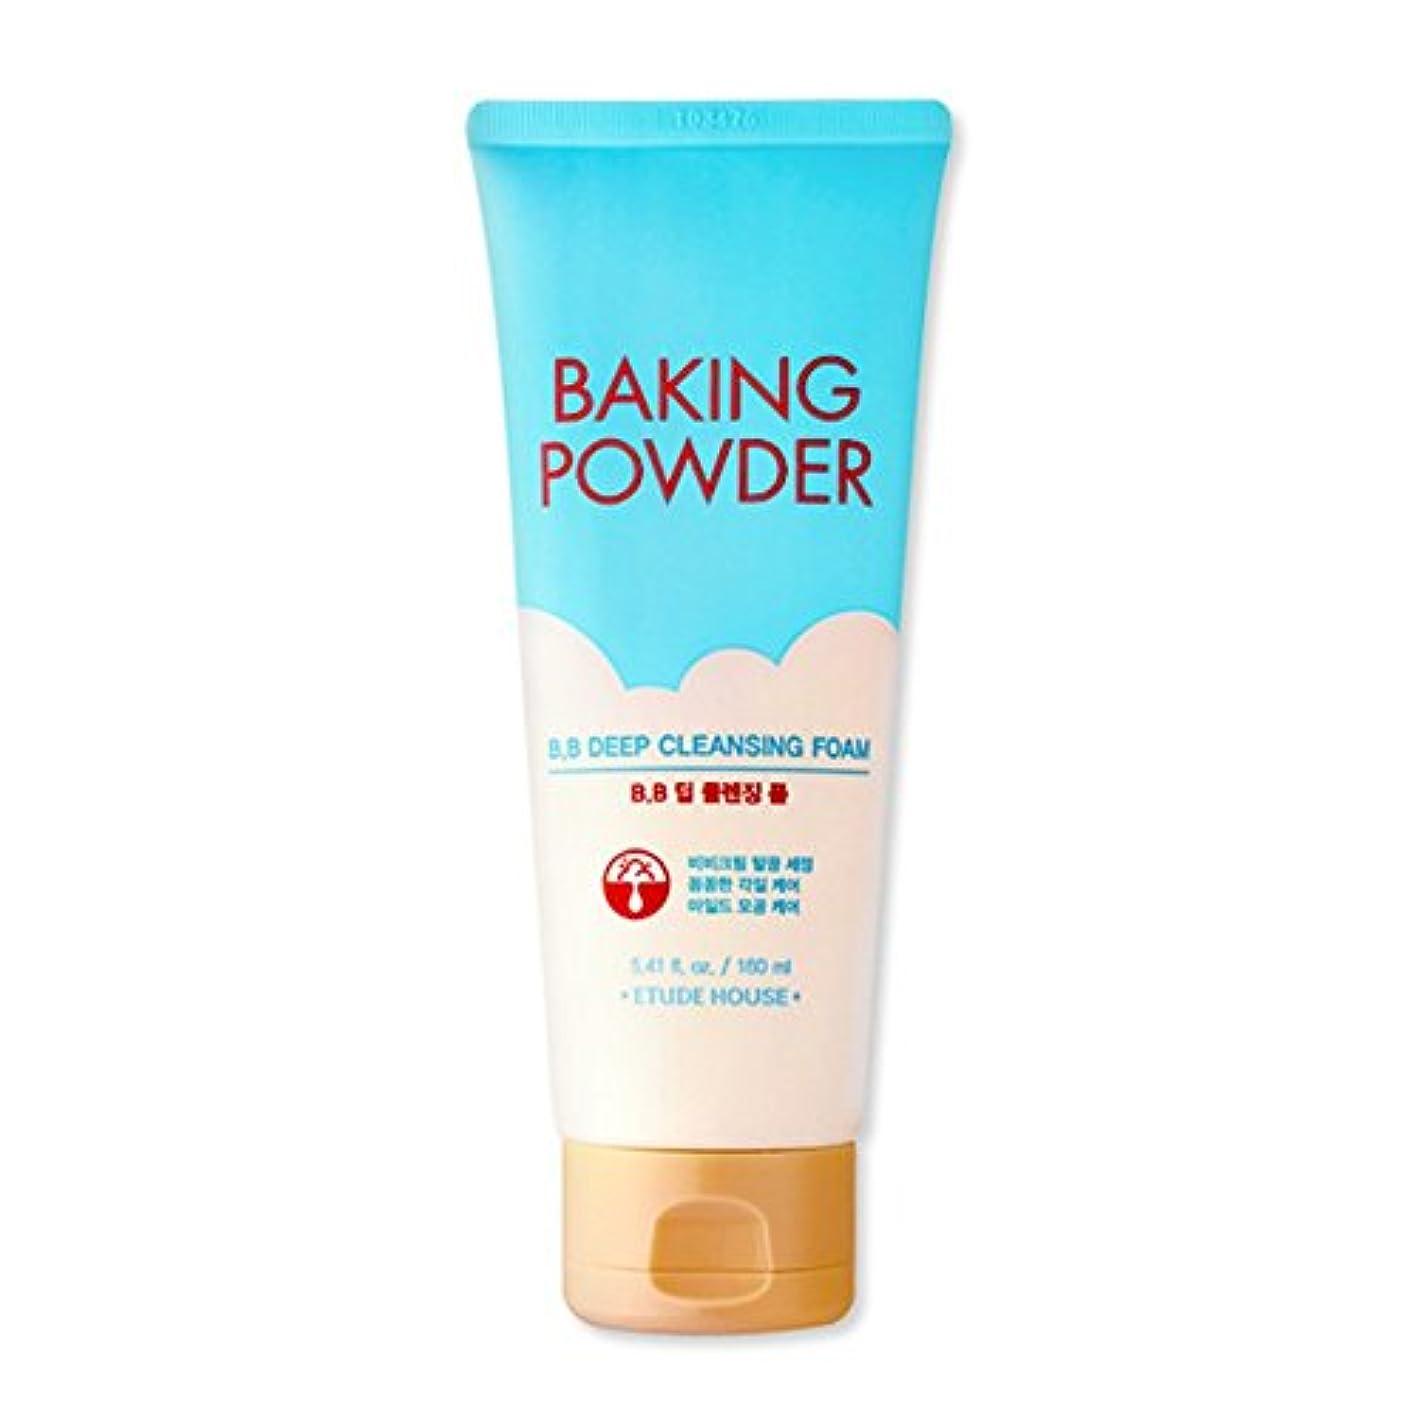 小屋リアル逃す[2016 Upgrade!] ETUDE HOUSE Baking Powder B.B Deep Cleansing Foam 160ml/エチュードハウス ベーキング パウダー B.B ディープ クレンジング フォーム...